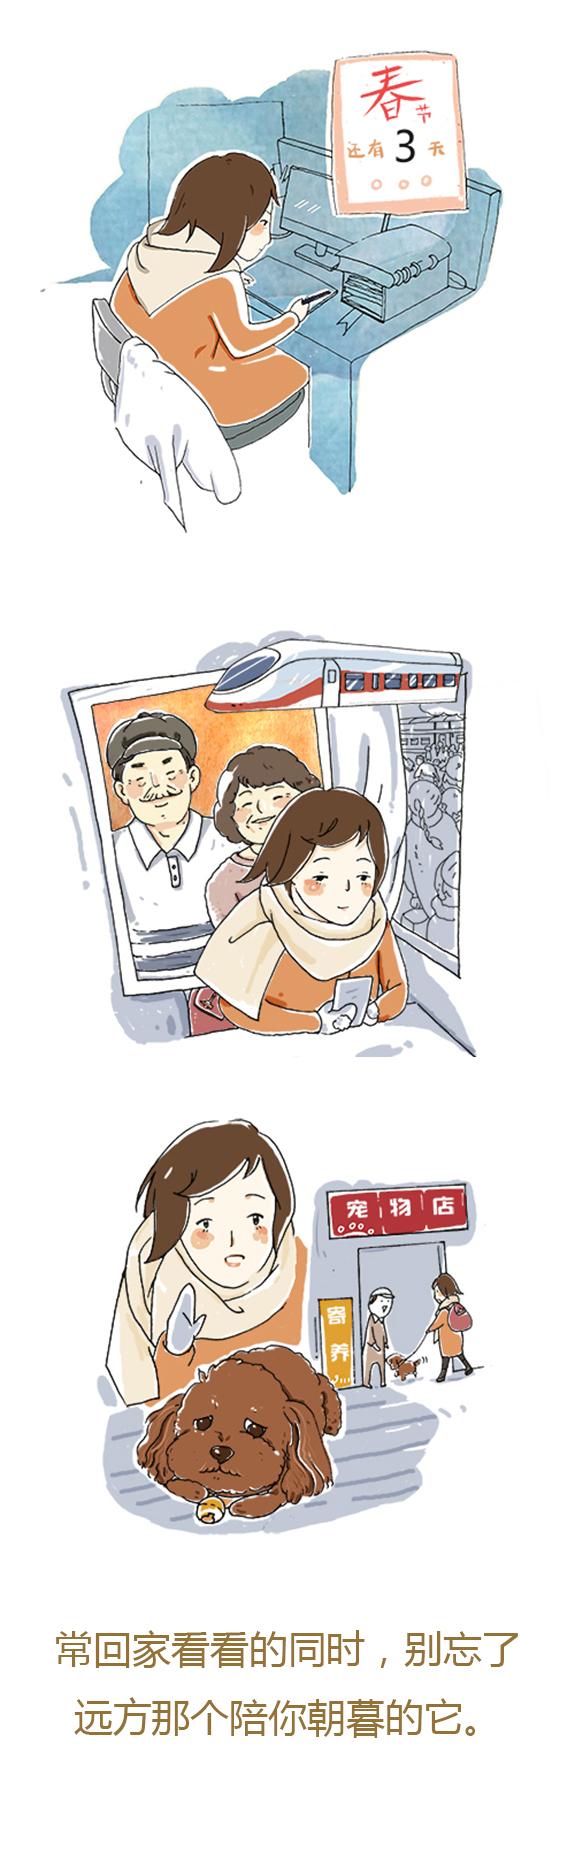 商业宣传漫画